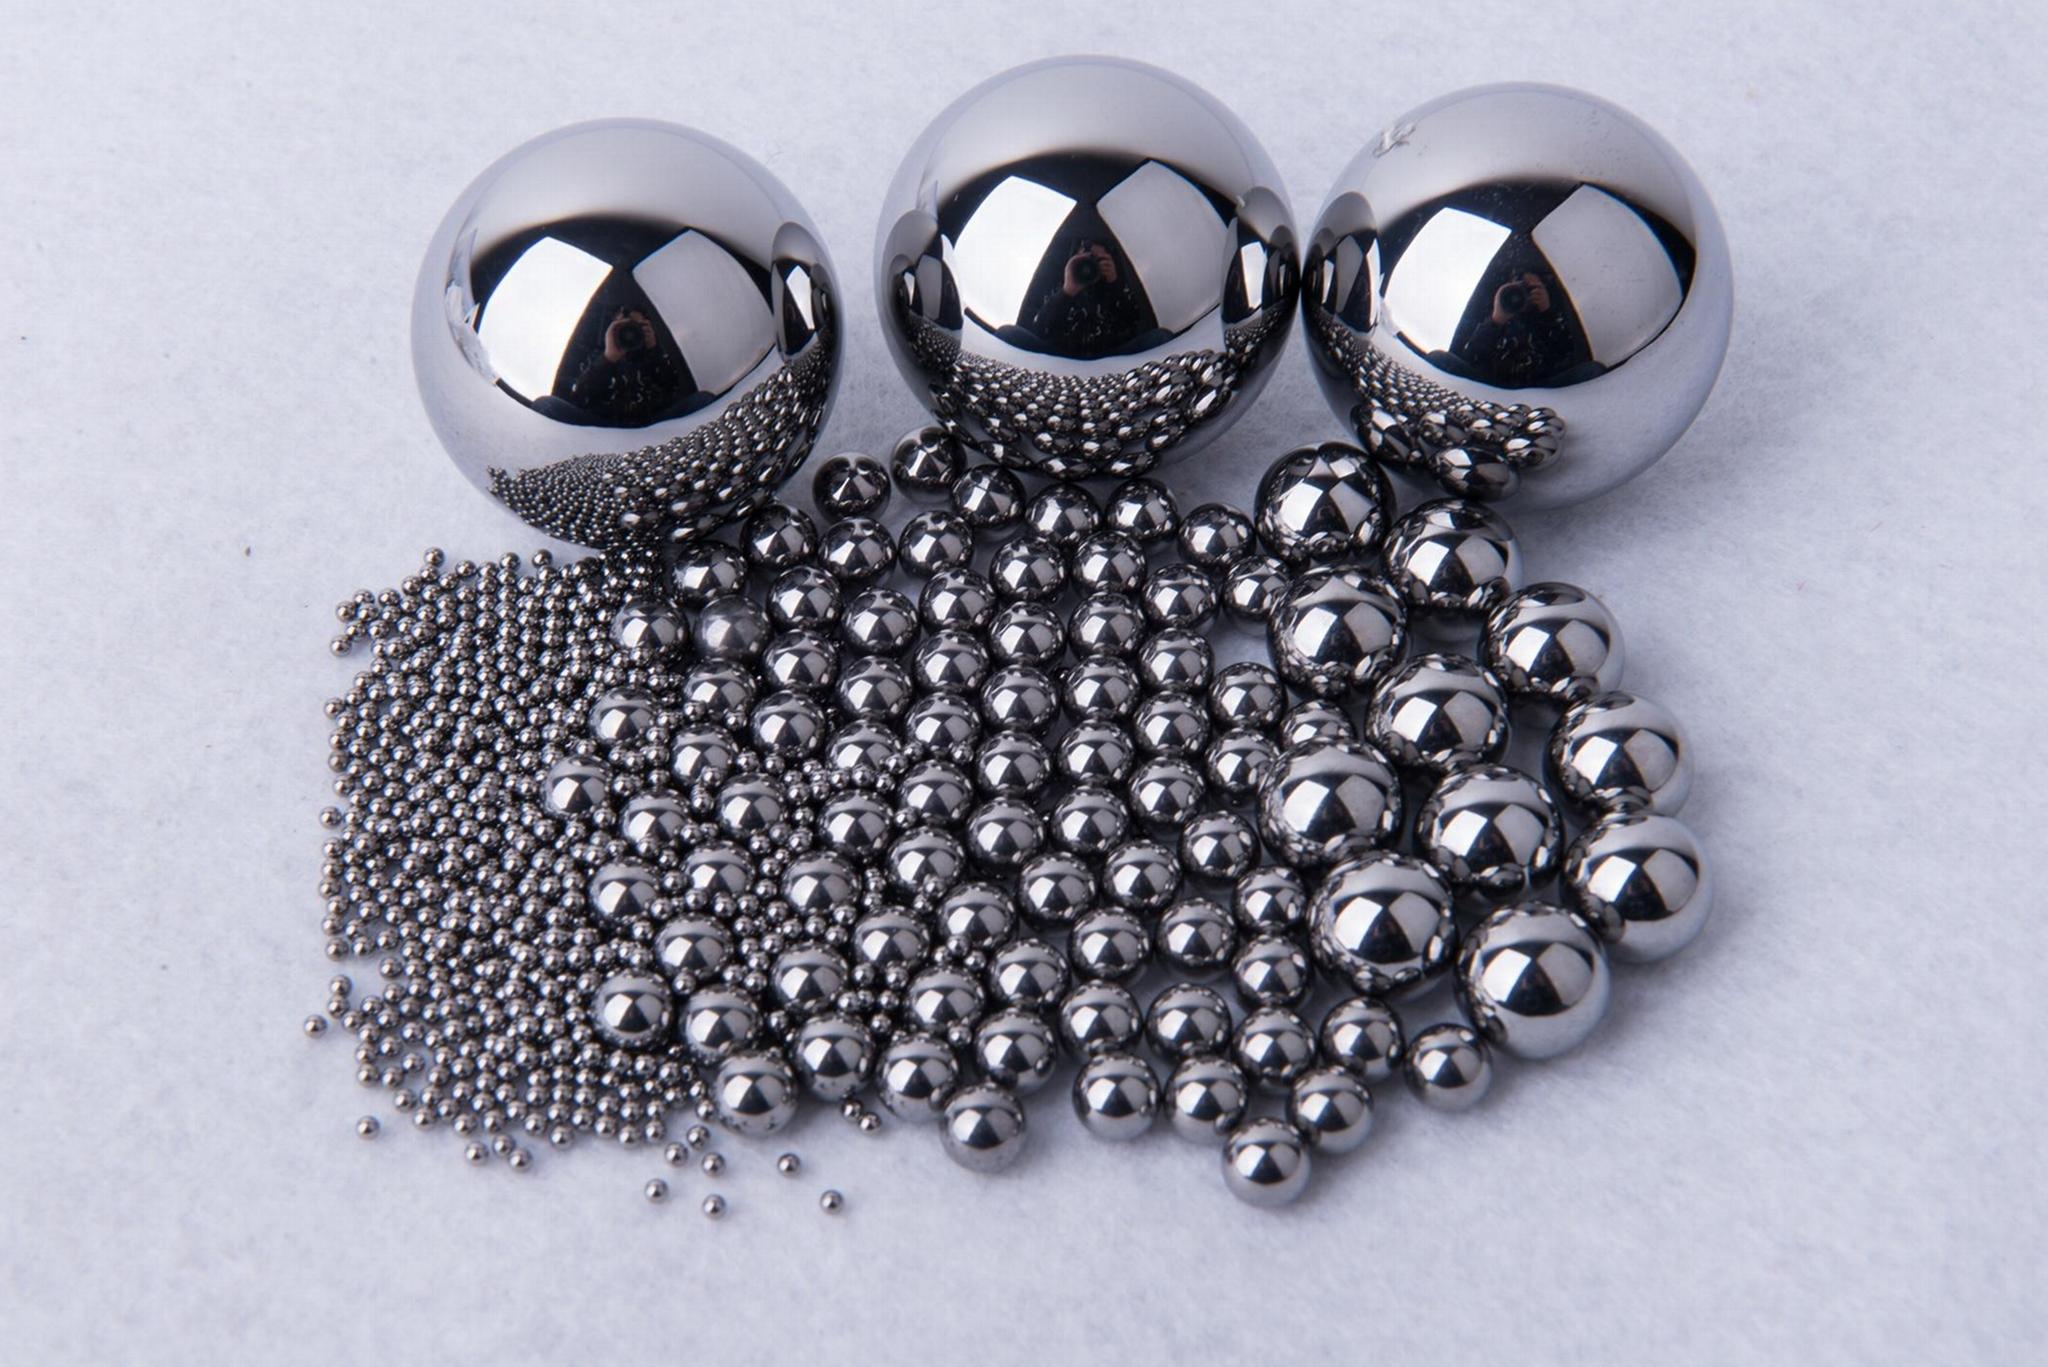 高硬度硬質合金鎢鋼沖孔球光面球耐磨鋼珠 1